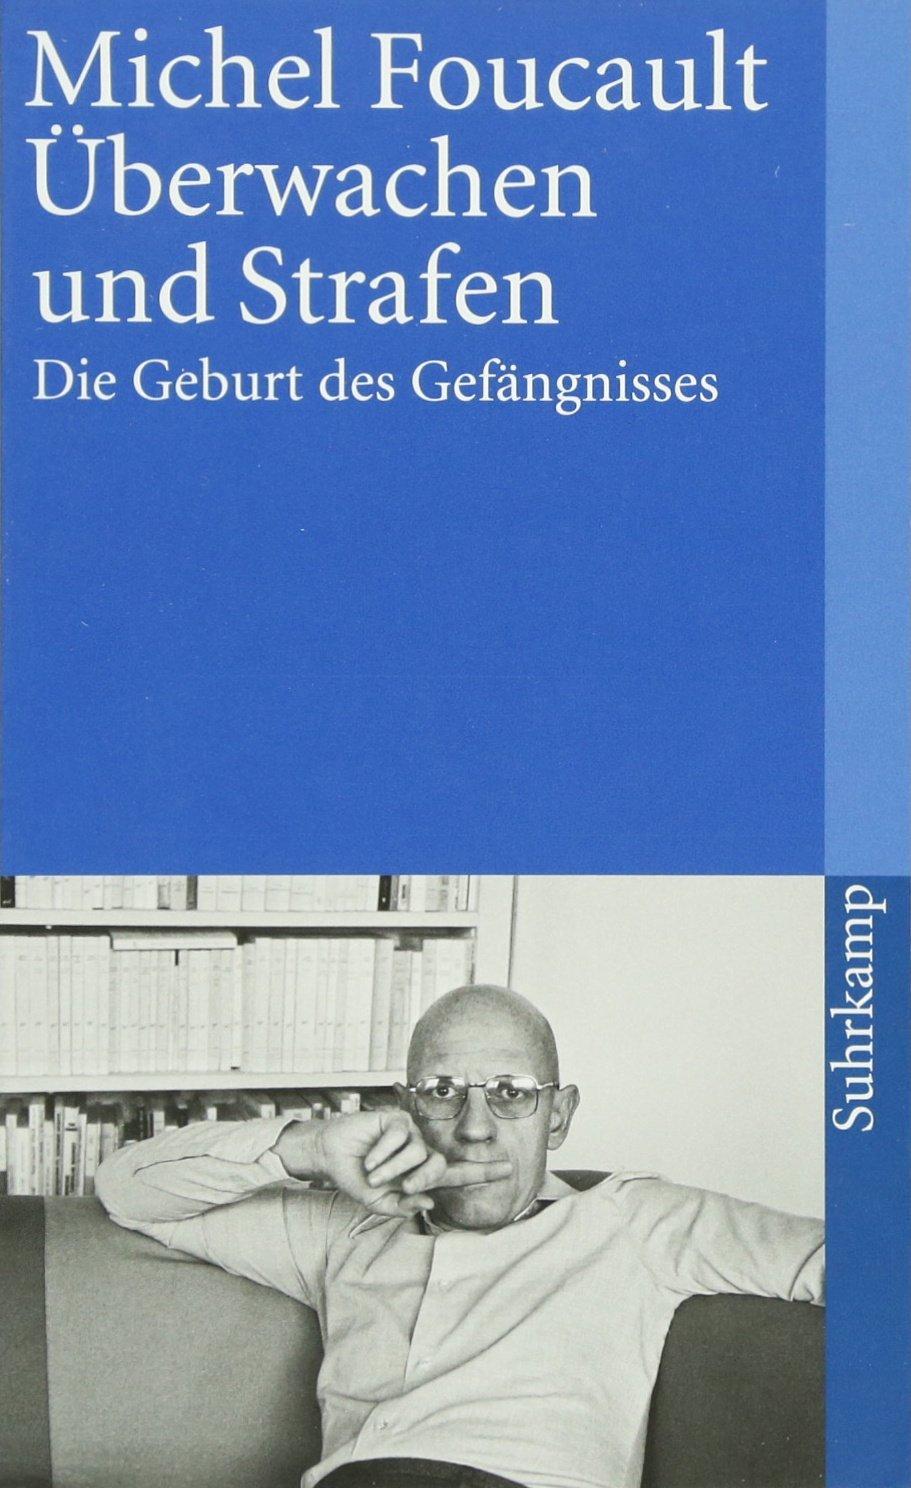 Überwachen und Strafen: Die Geburt des Gefängnisses (suhrkamp taschenbuch) Taschenbuch – 20. Dezember 1993 Michel Foucault Walter Seitter Suhrkamp Verlag 3518387715